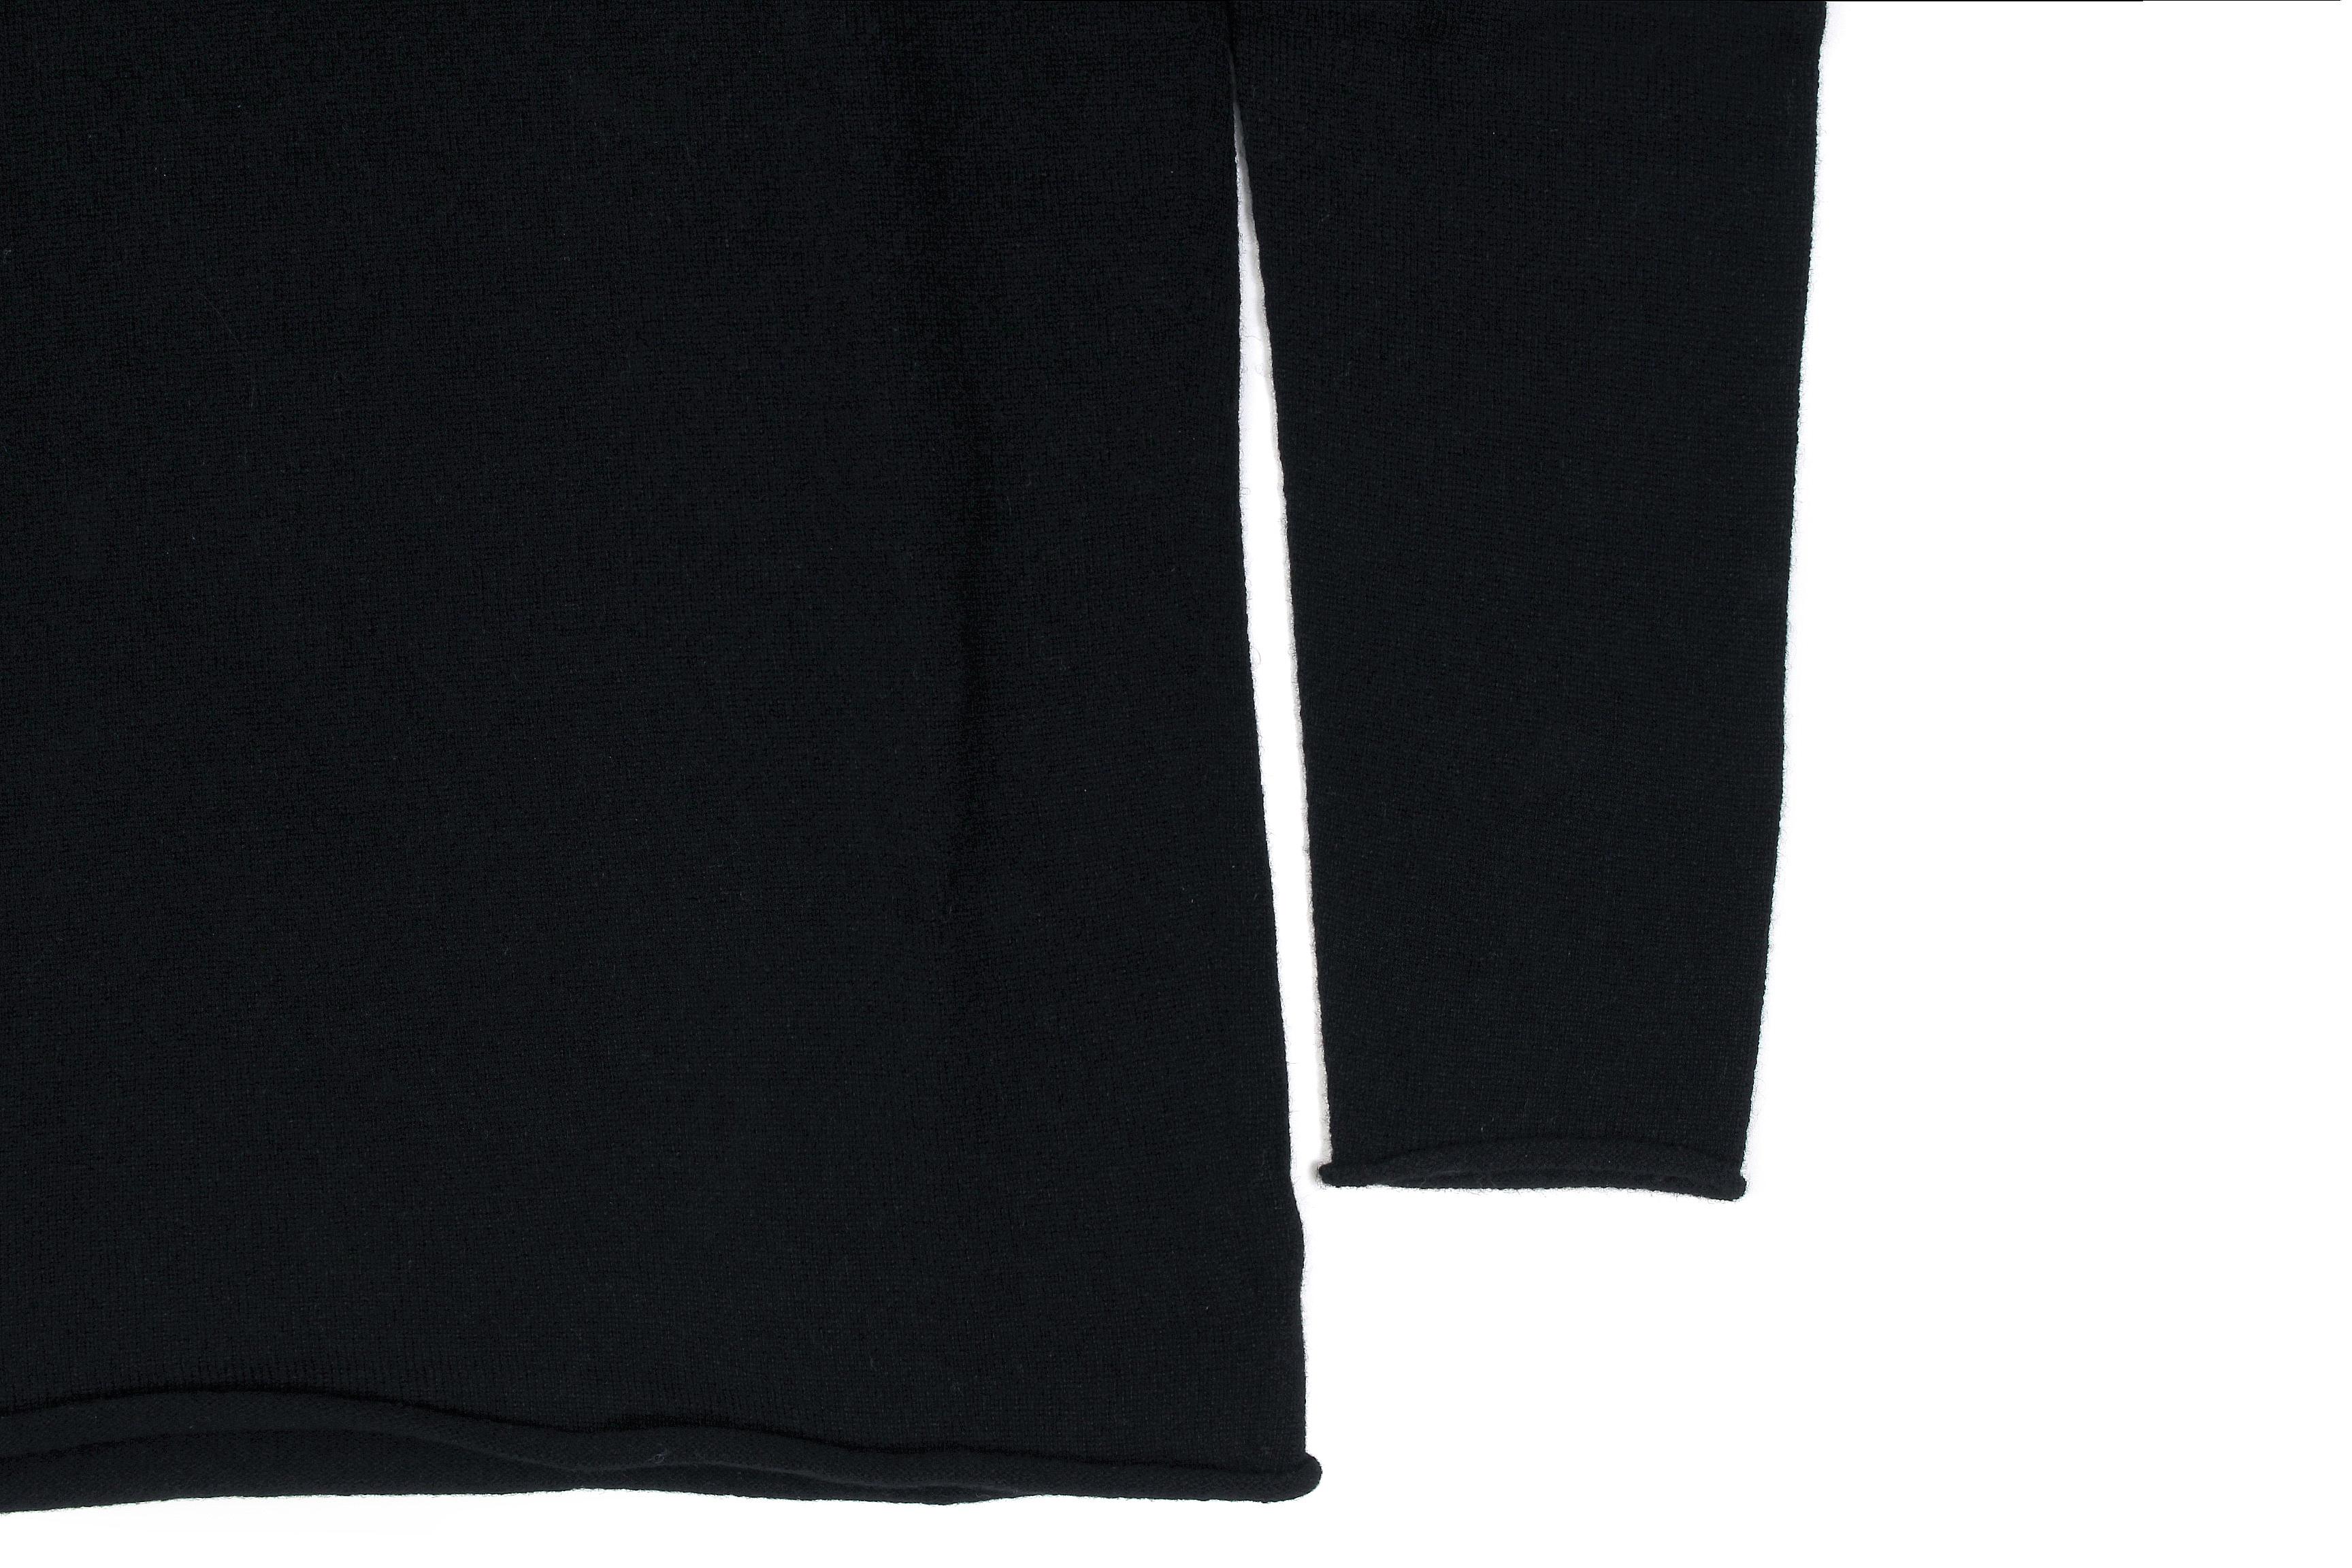 lucien pellat-fine (ルシアン ペラフィネ) Cashmere Roll Neck Sweater カシミア タートルネック セーター BLACK (ブラック) made in scotland (スコットランド製) 2020 秋冬新作 【入荷しました】【フリー分発売開始】愛知 名古屋 Alto e Diritto altoediritto アルトエデリット